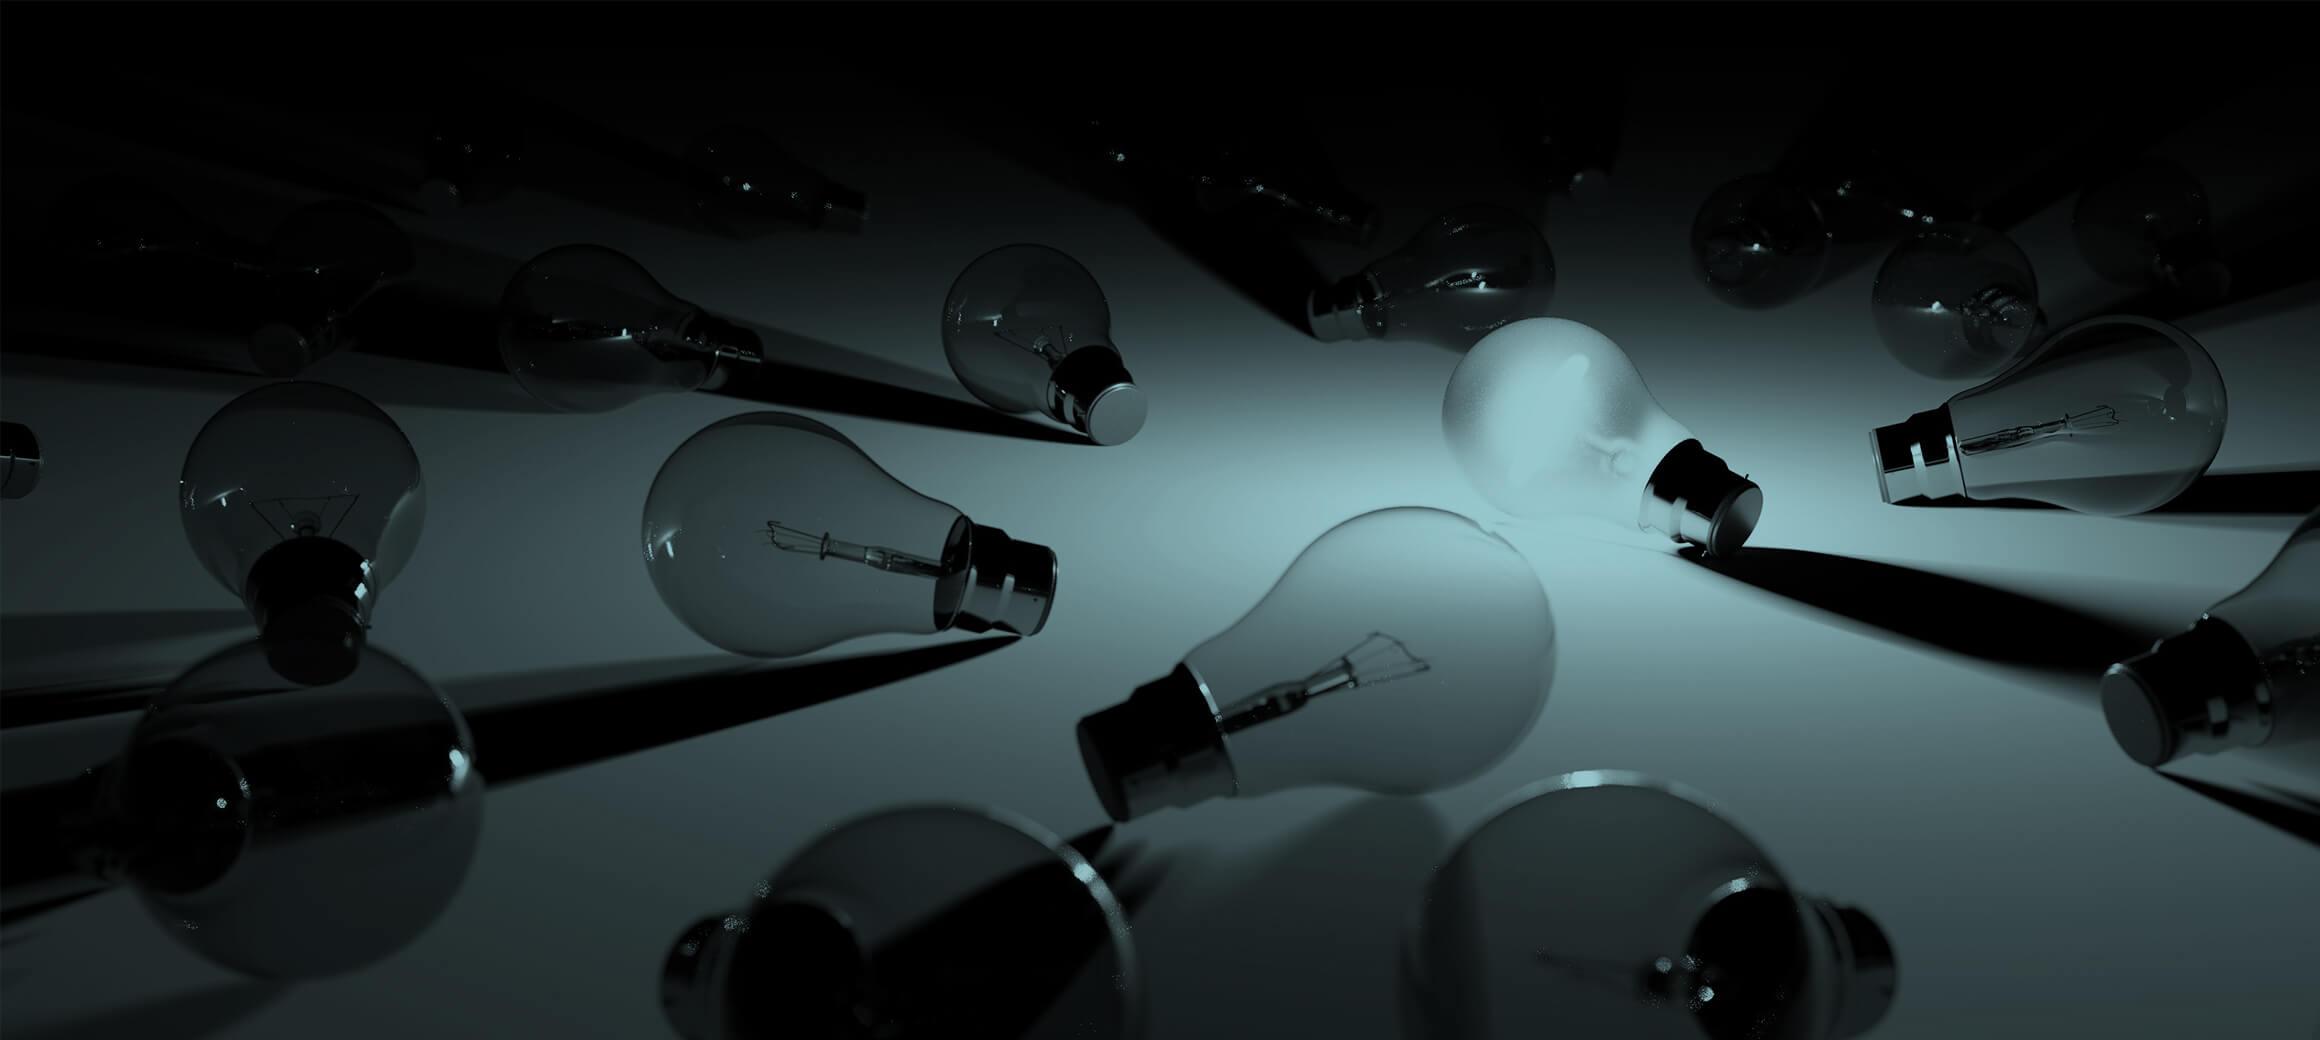 Glühbirnen die in Dunkelheit auf einem Tisch liegen, eine davon leuchtet.